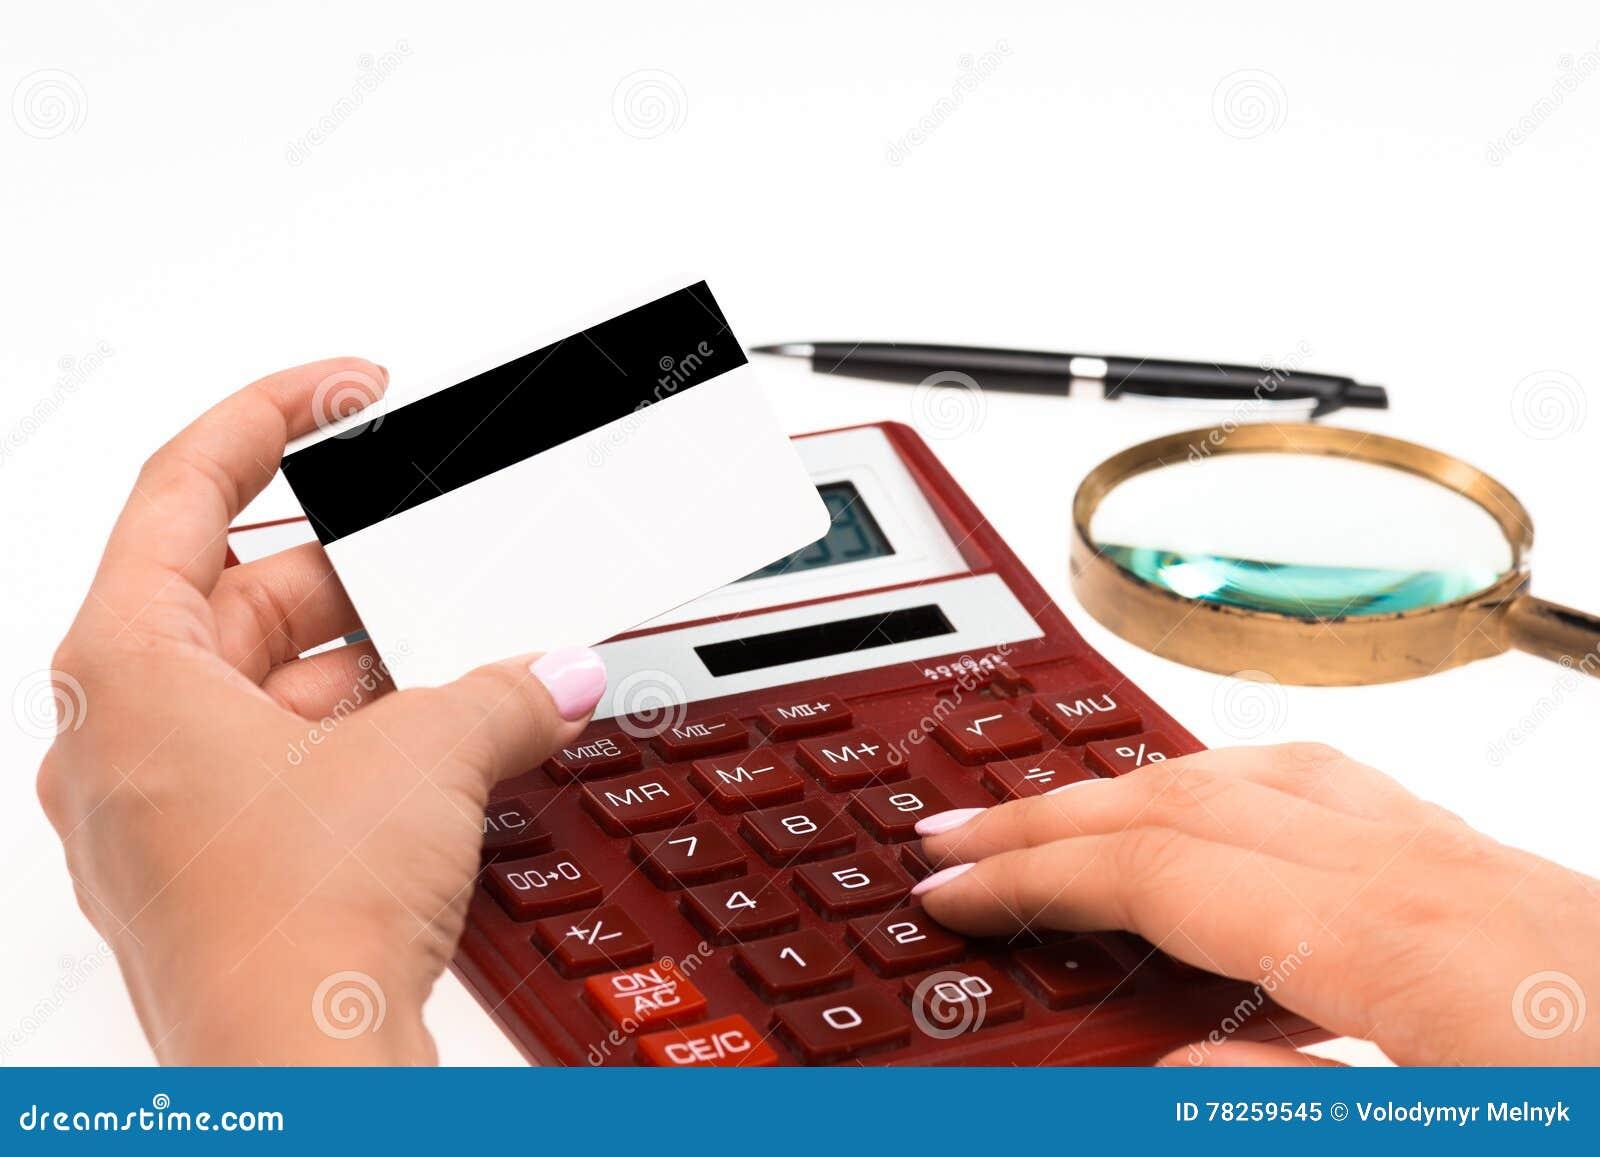 Έννοια για Διαδίκτυο που ψωνίζει: χέρια με τον υπολογιστή και την πιστωτική κάρτα